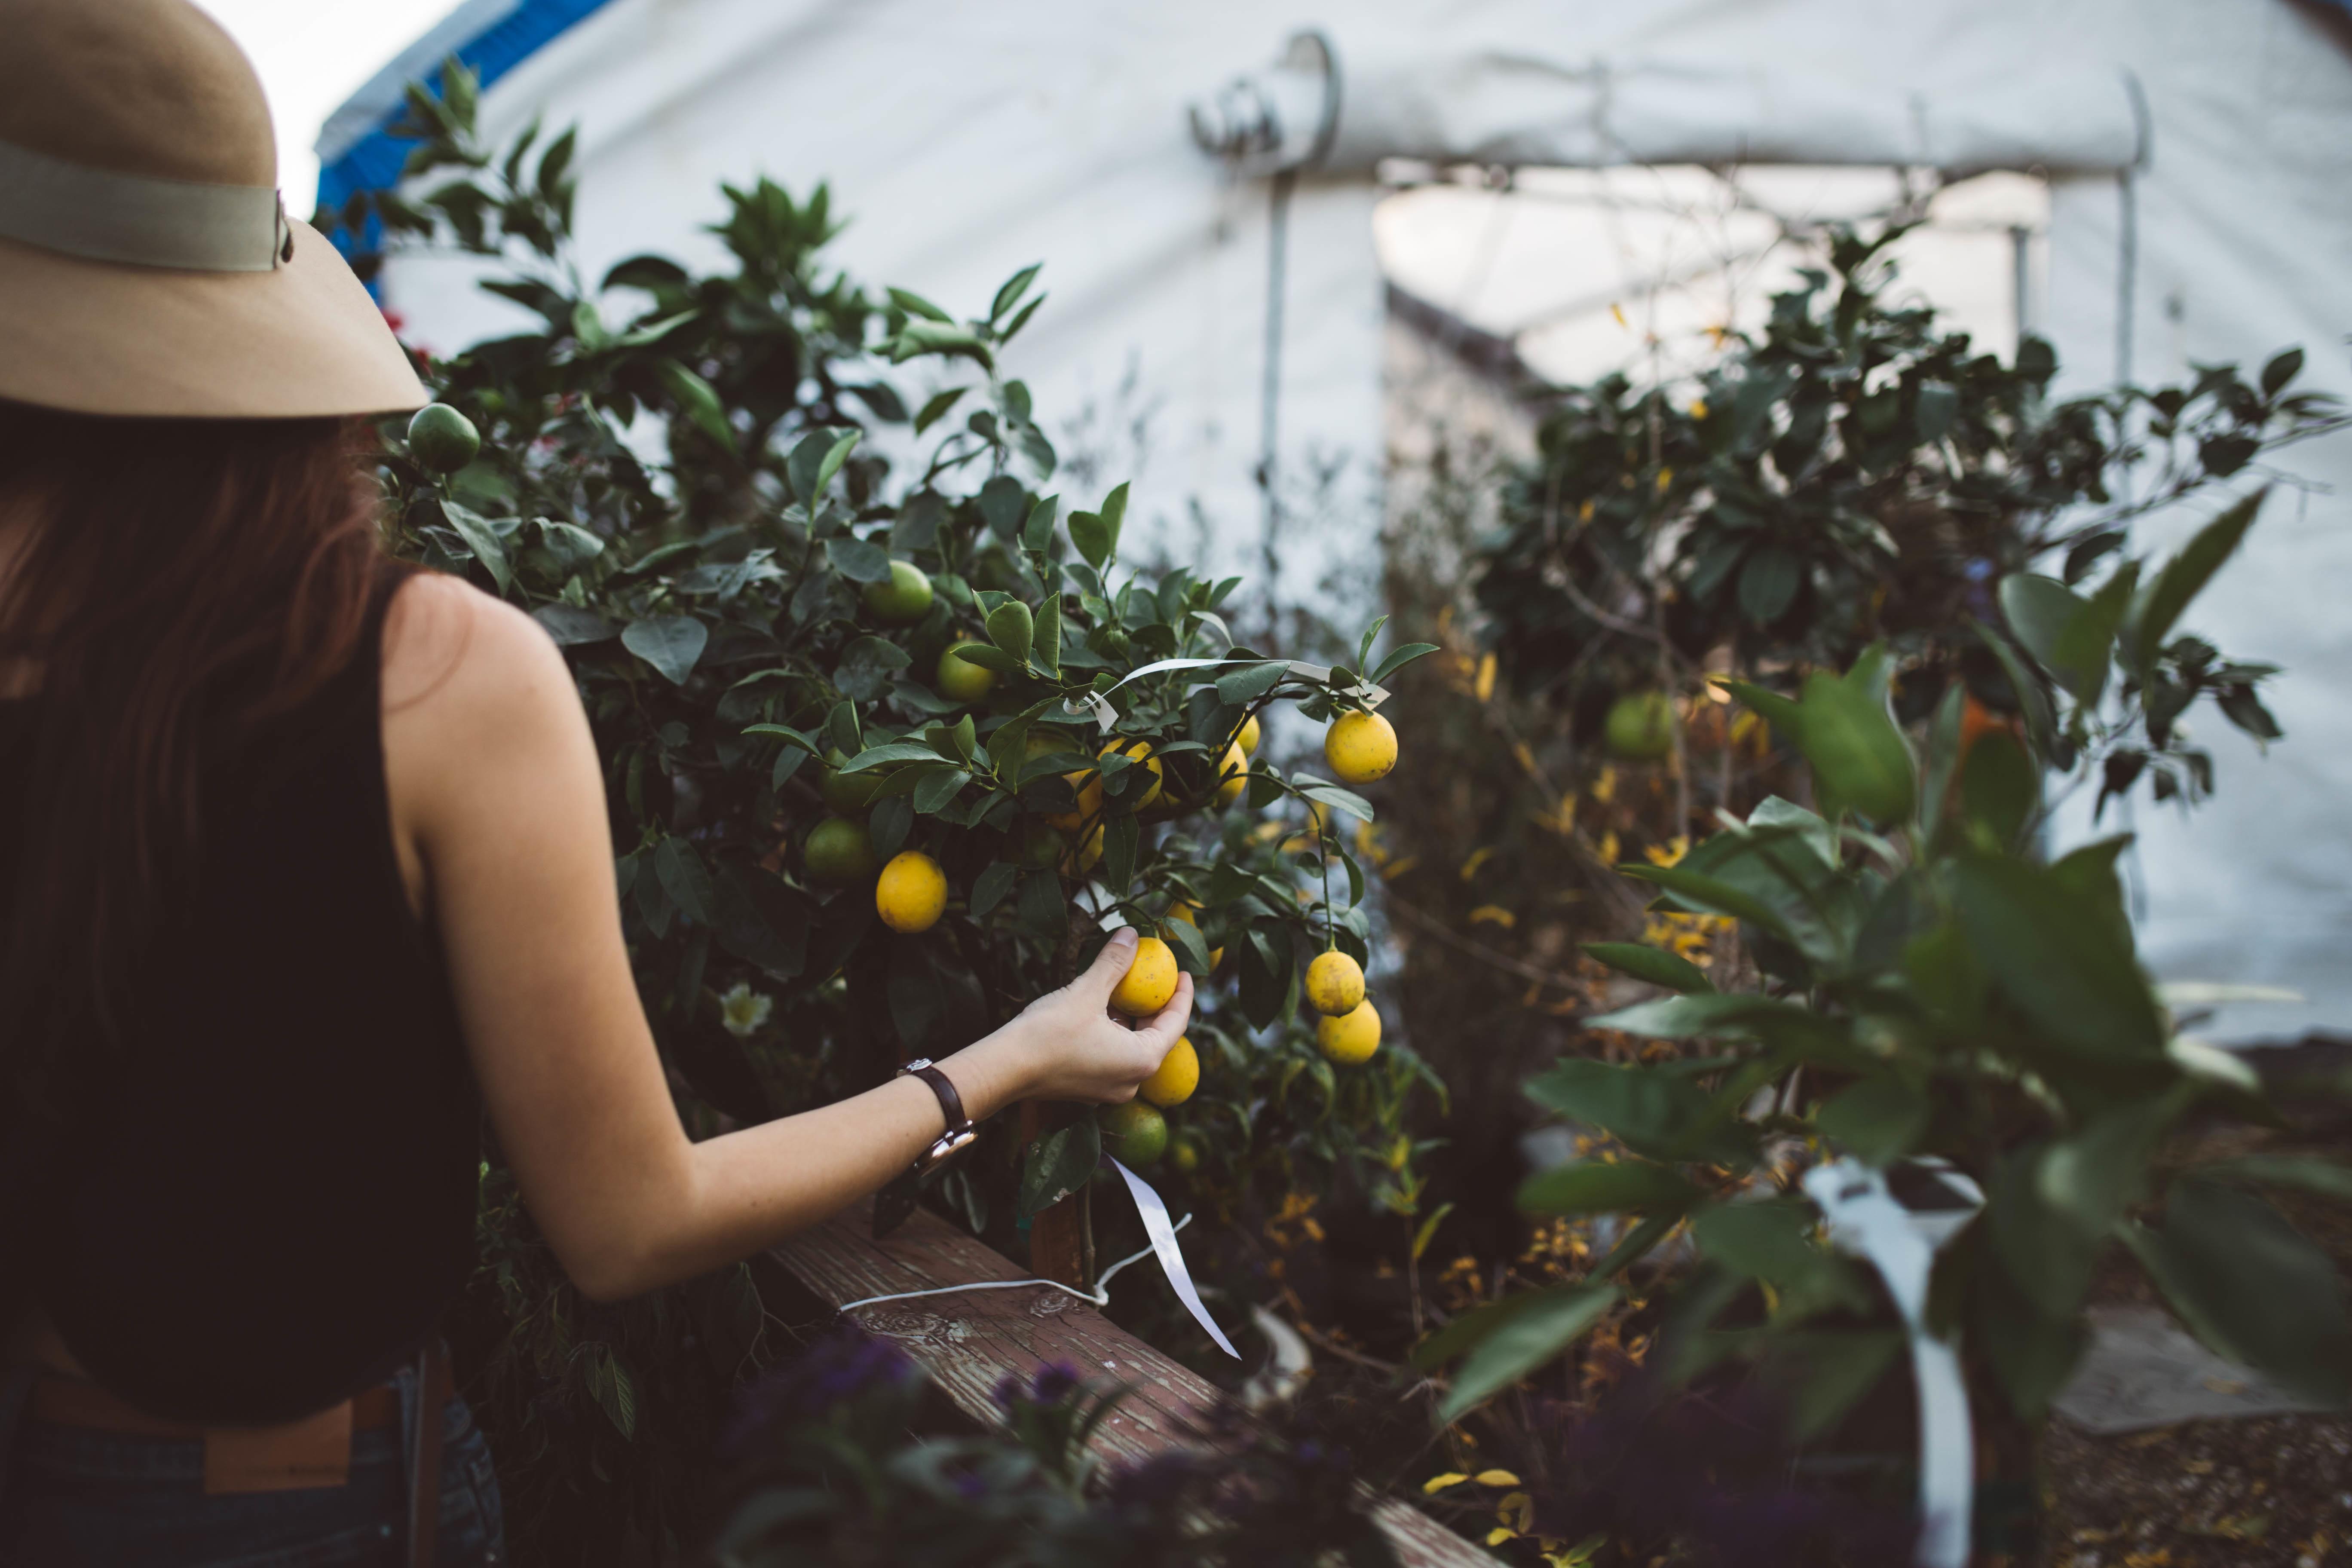 frutta-bio-Brooke-Cagle